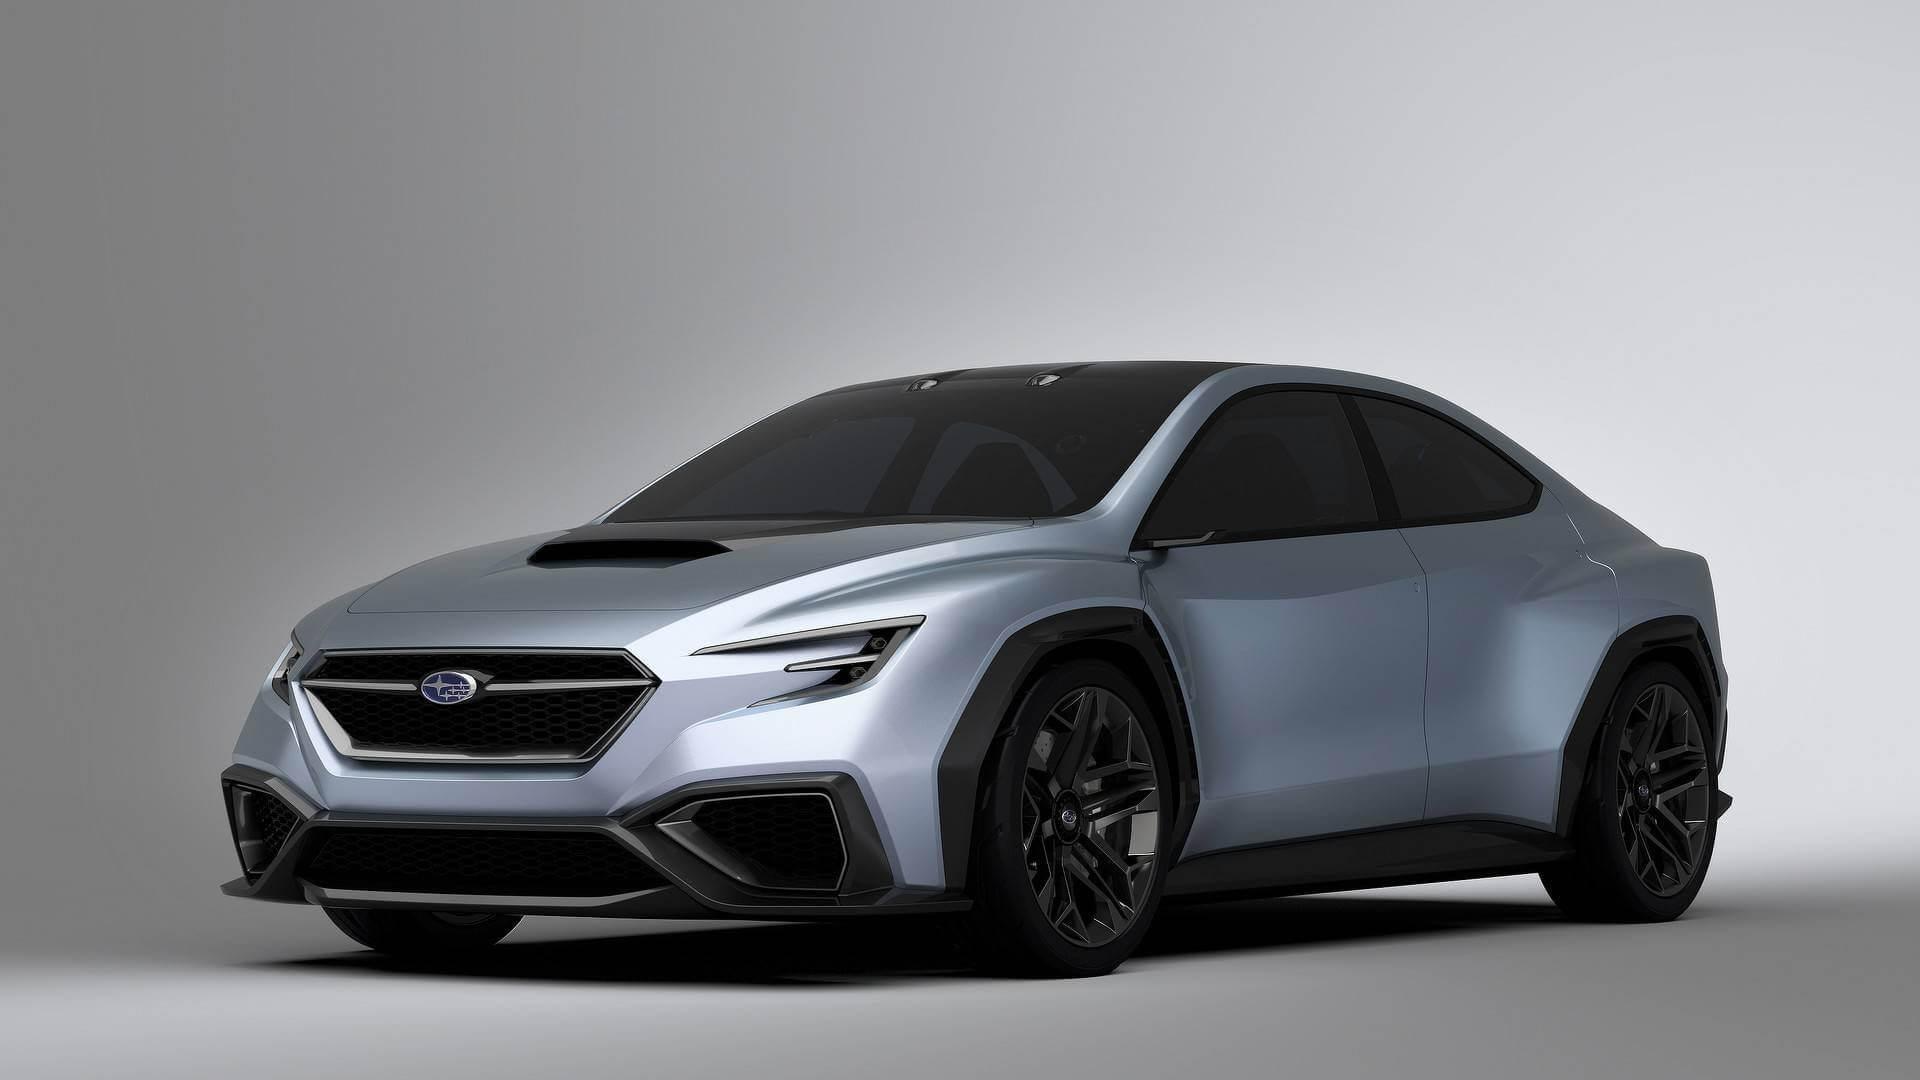 Subaru в 2018 году выведет на рынок США новый плагин-гибридный автомобиль